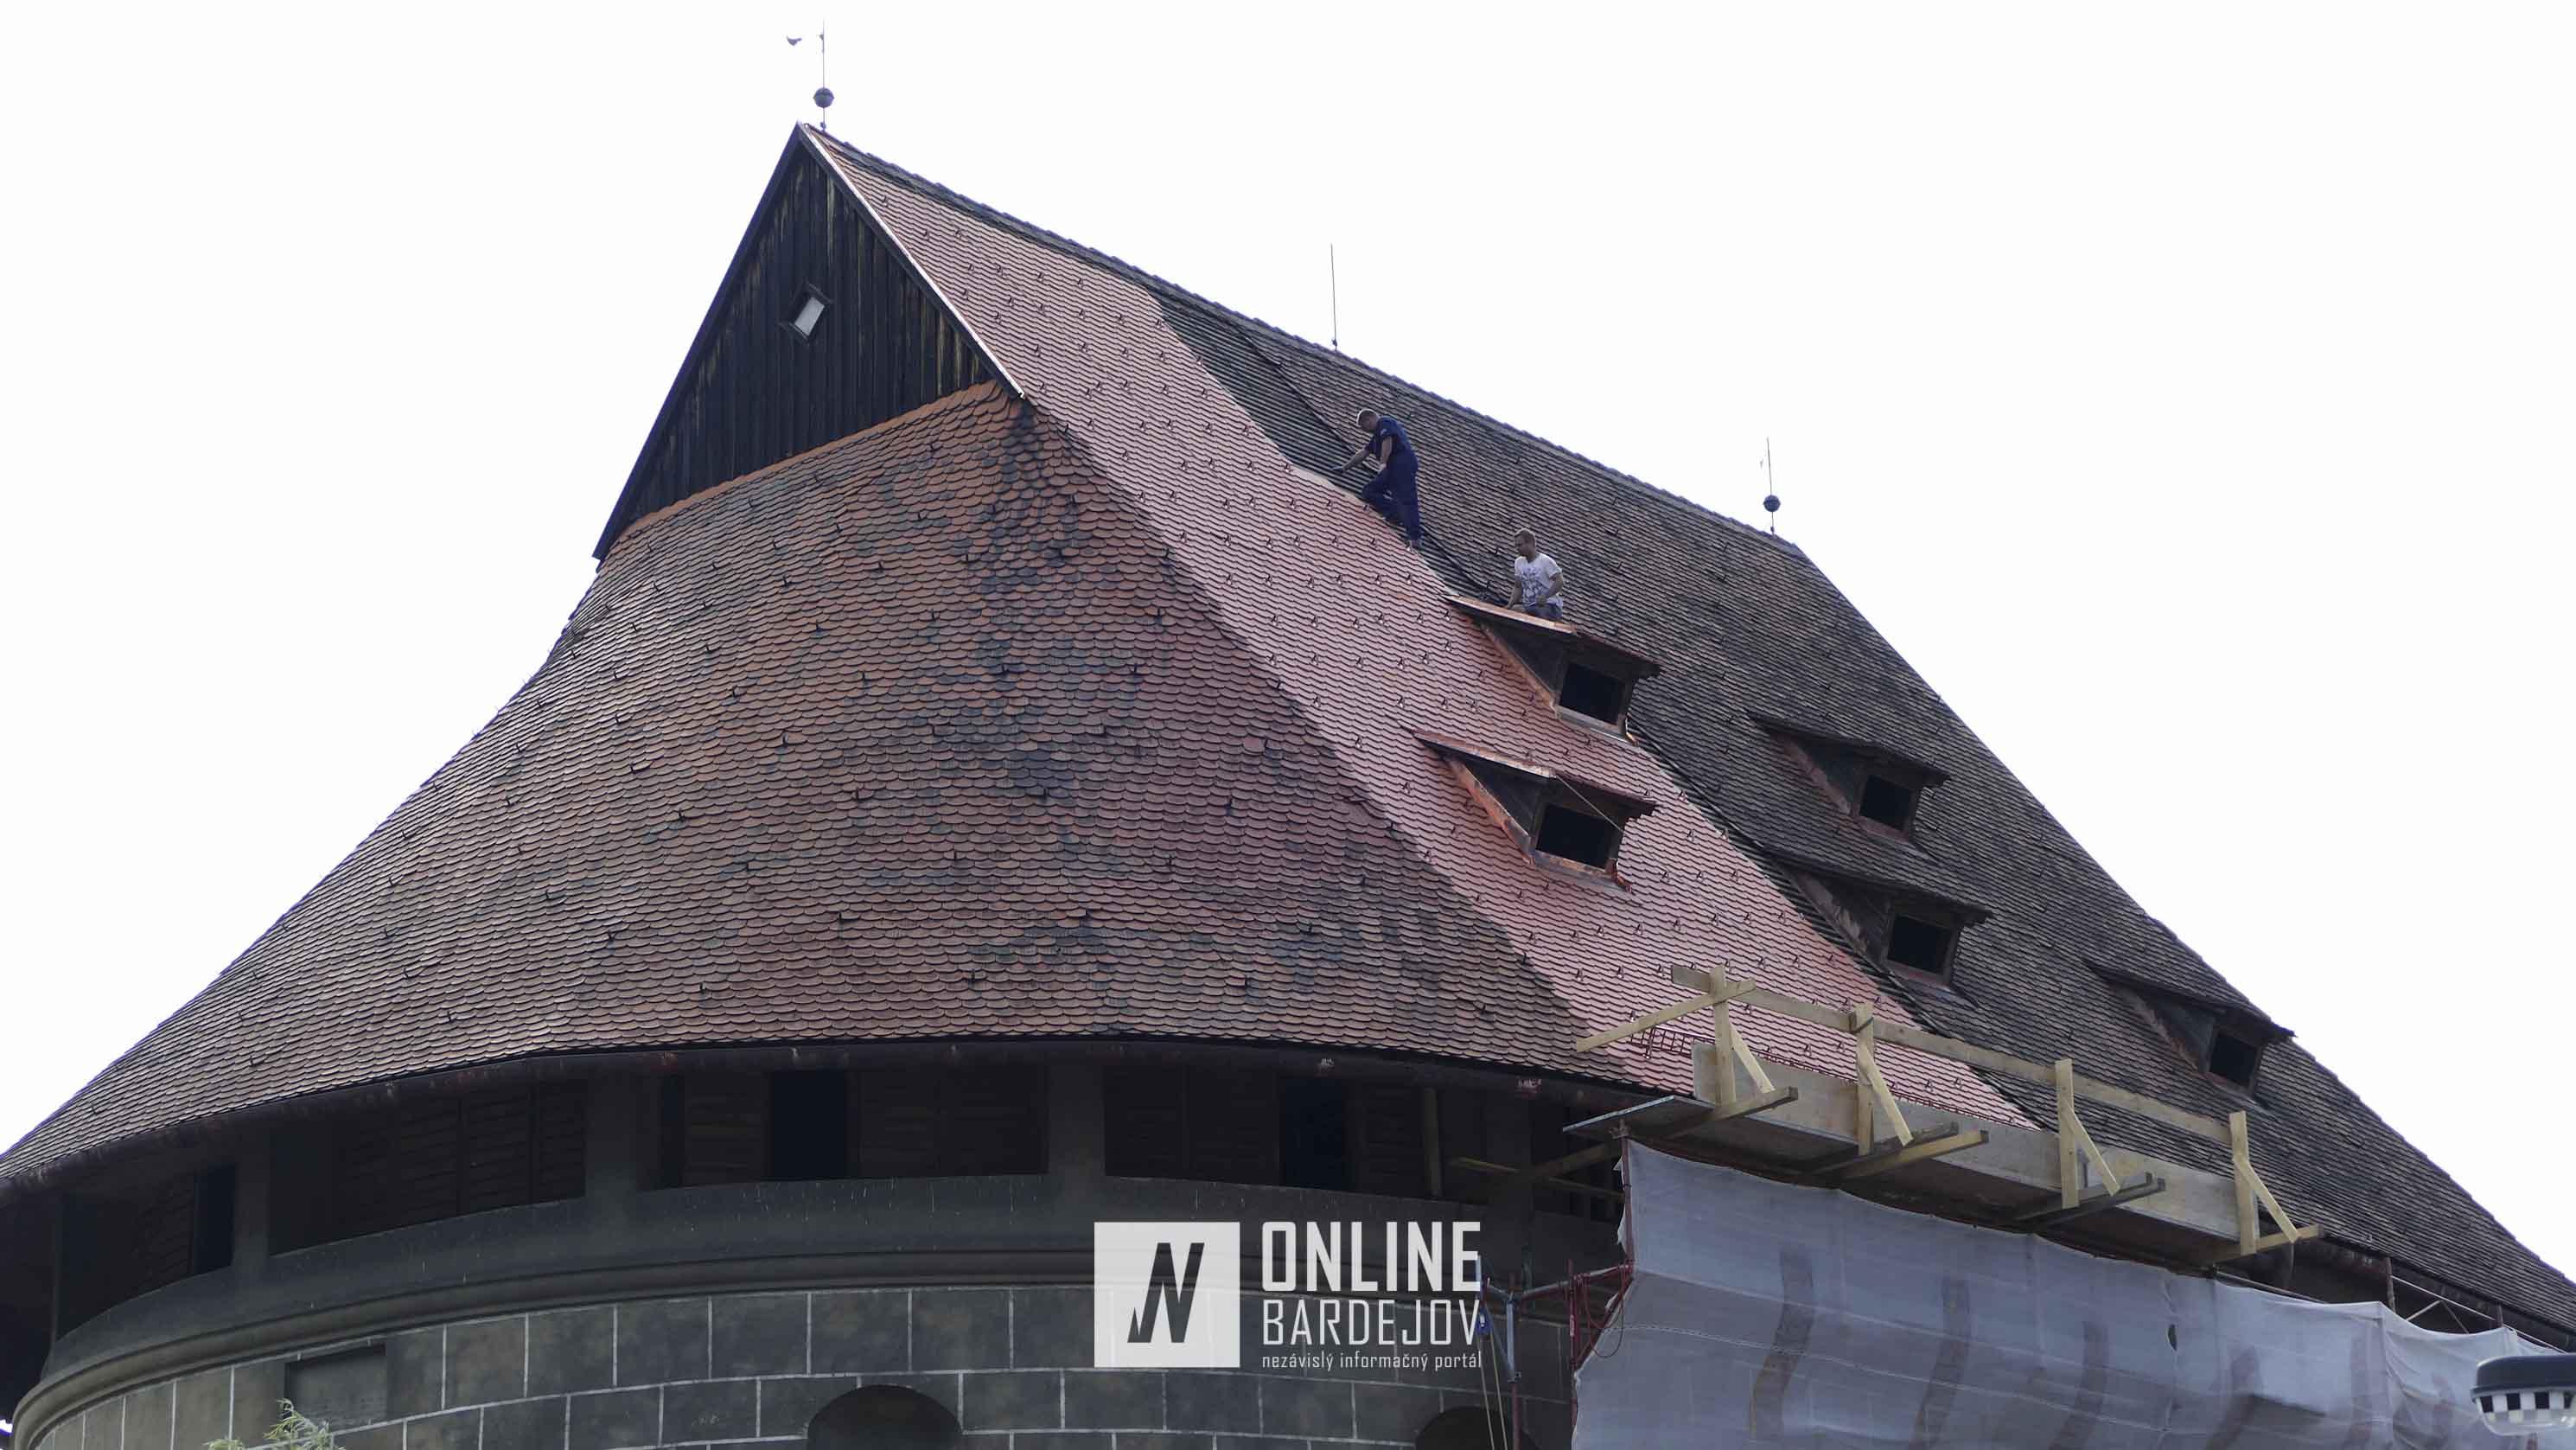 Najväčšia bašta bude mať čoskoro novú strechu